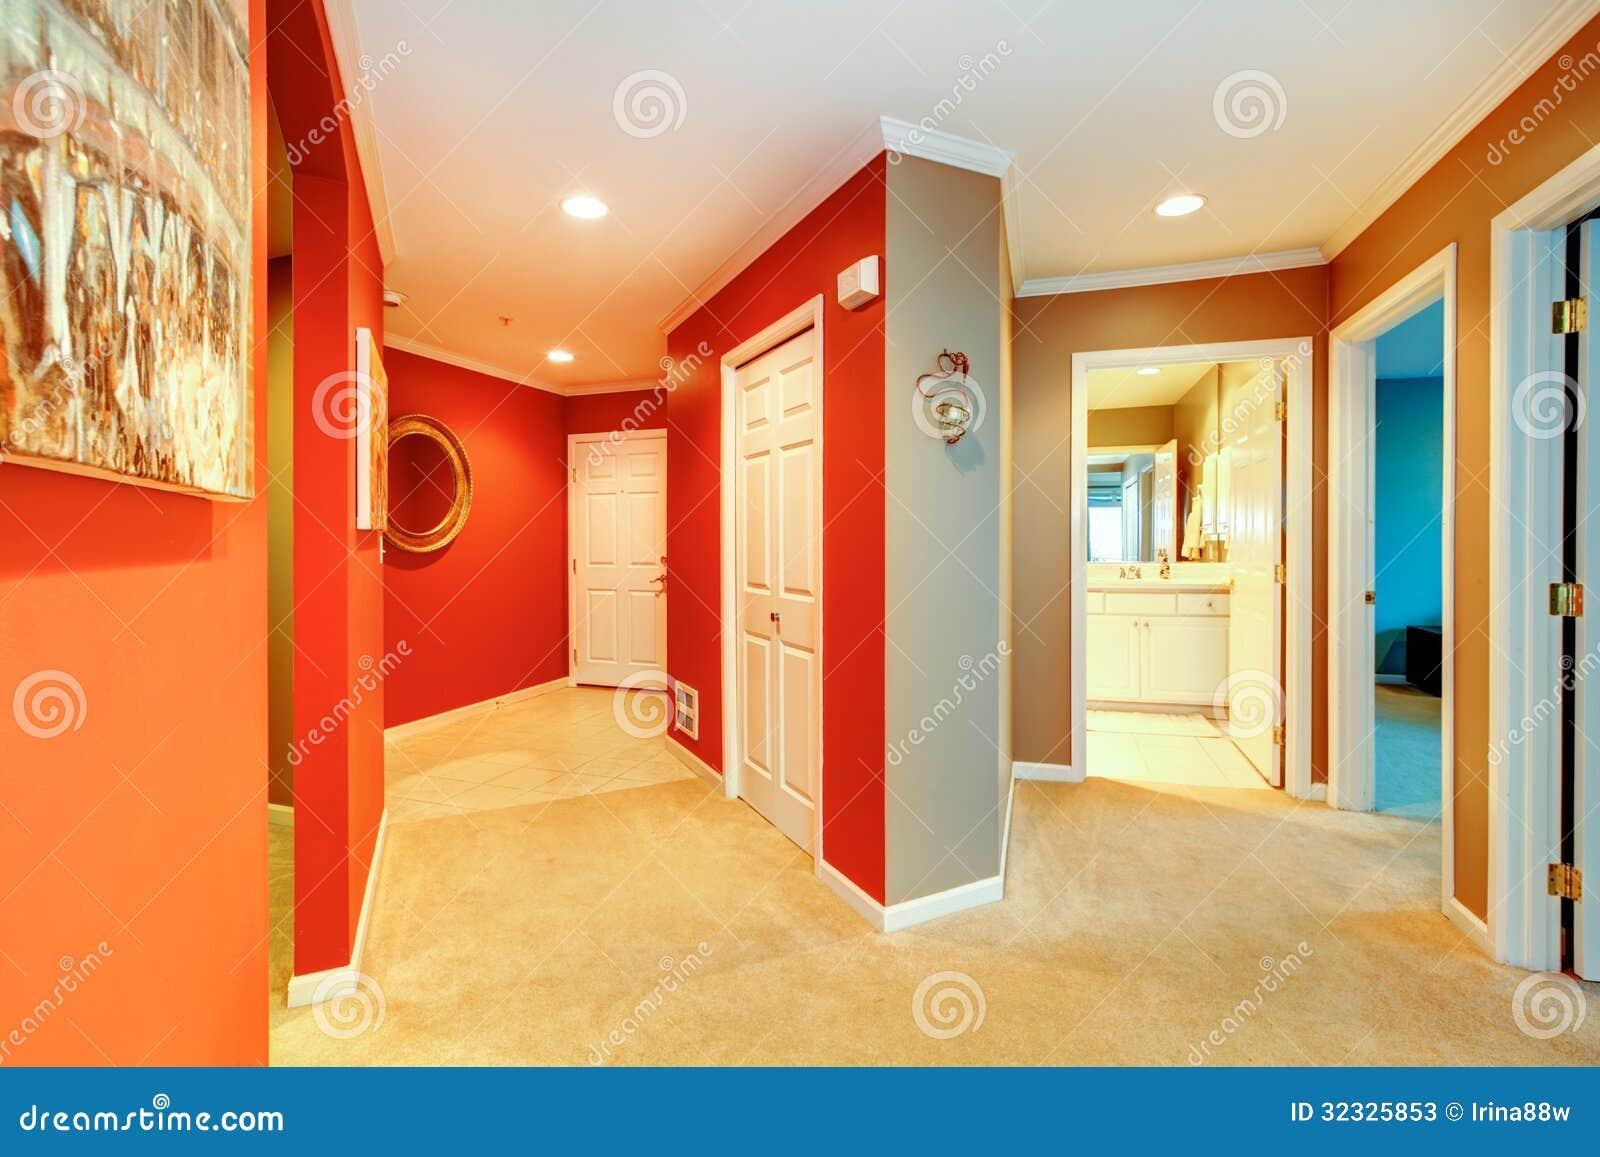 verde no apartamento da cidade com a porta aberta do banheiro e tapete #972B08 1300x957 Banheiro Bege Com Verde